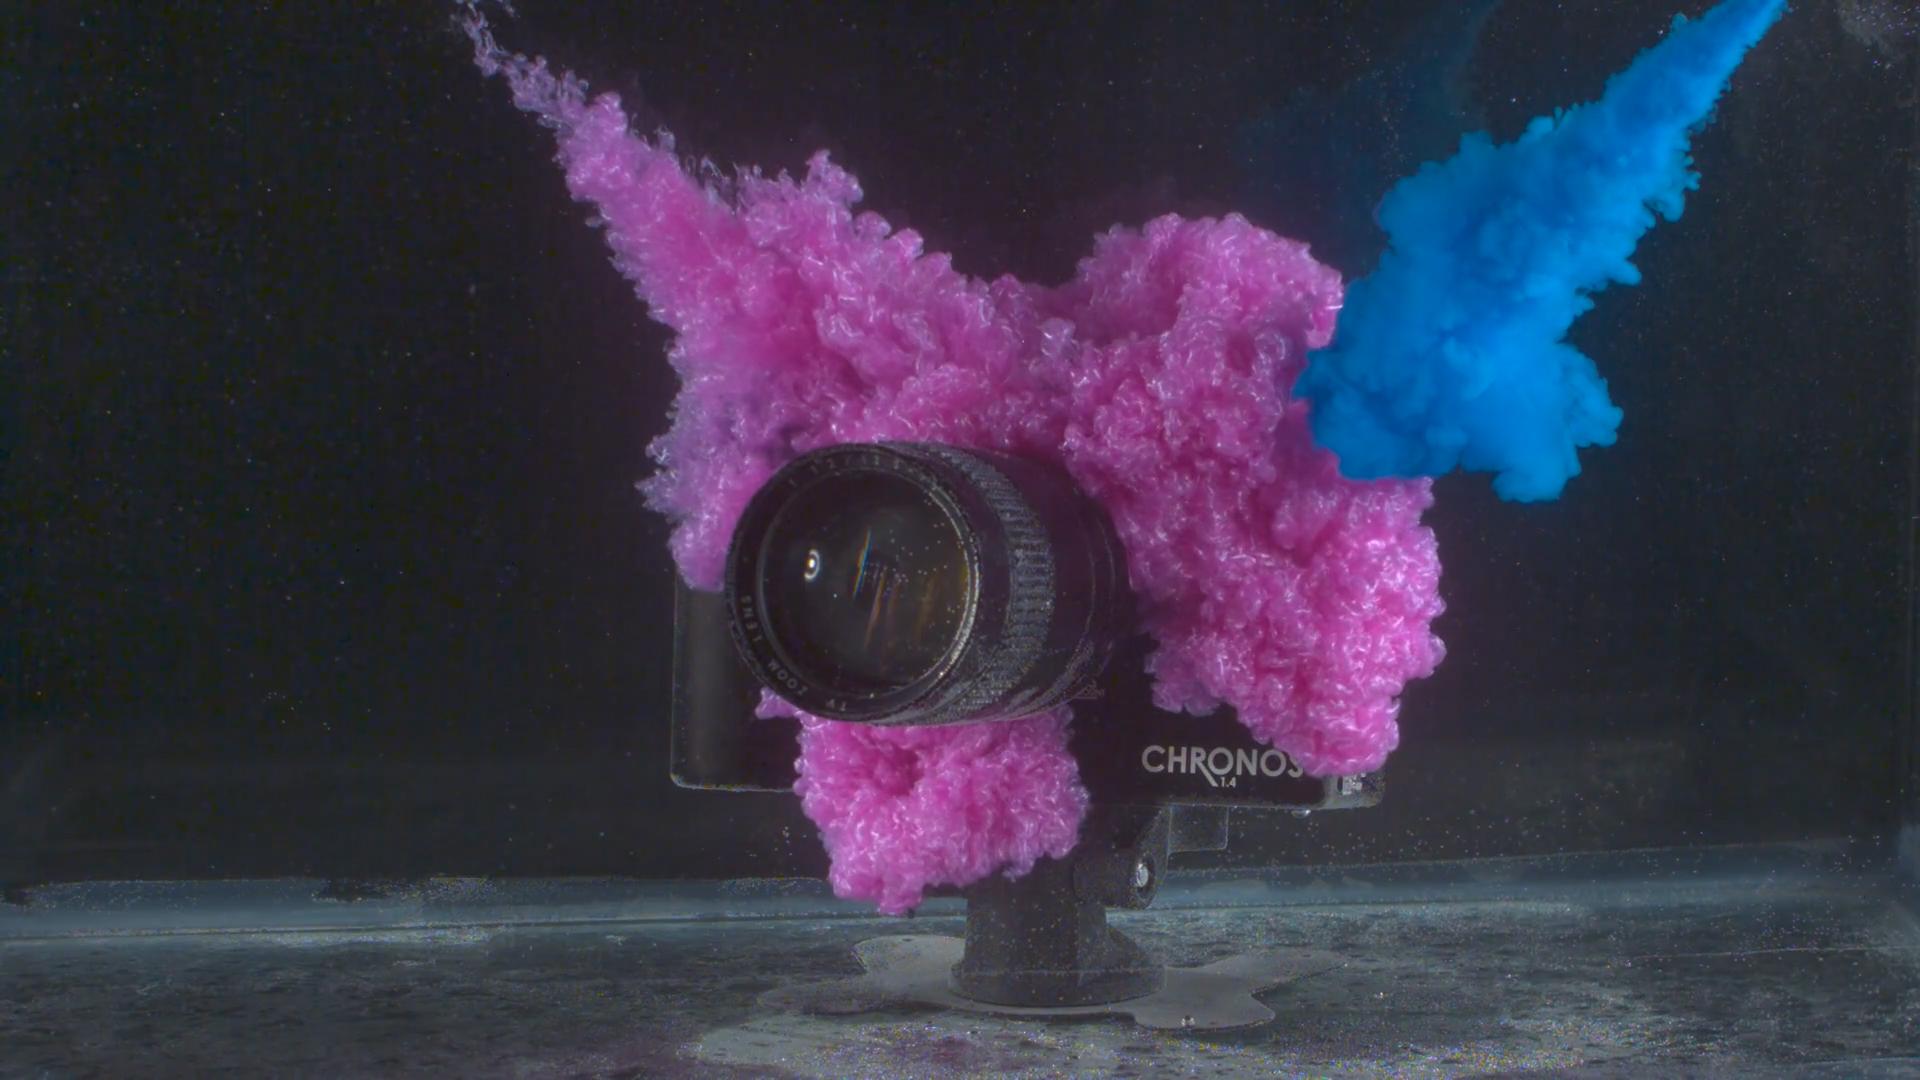 كاميرا Chronos 2.1-HD لتصوير سلوموشن بسرعة 100 الف اطار / ثانية